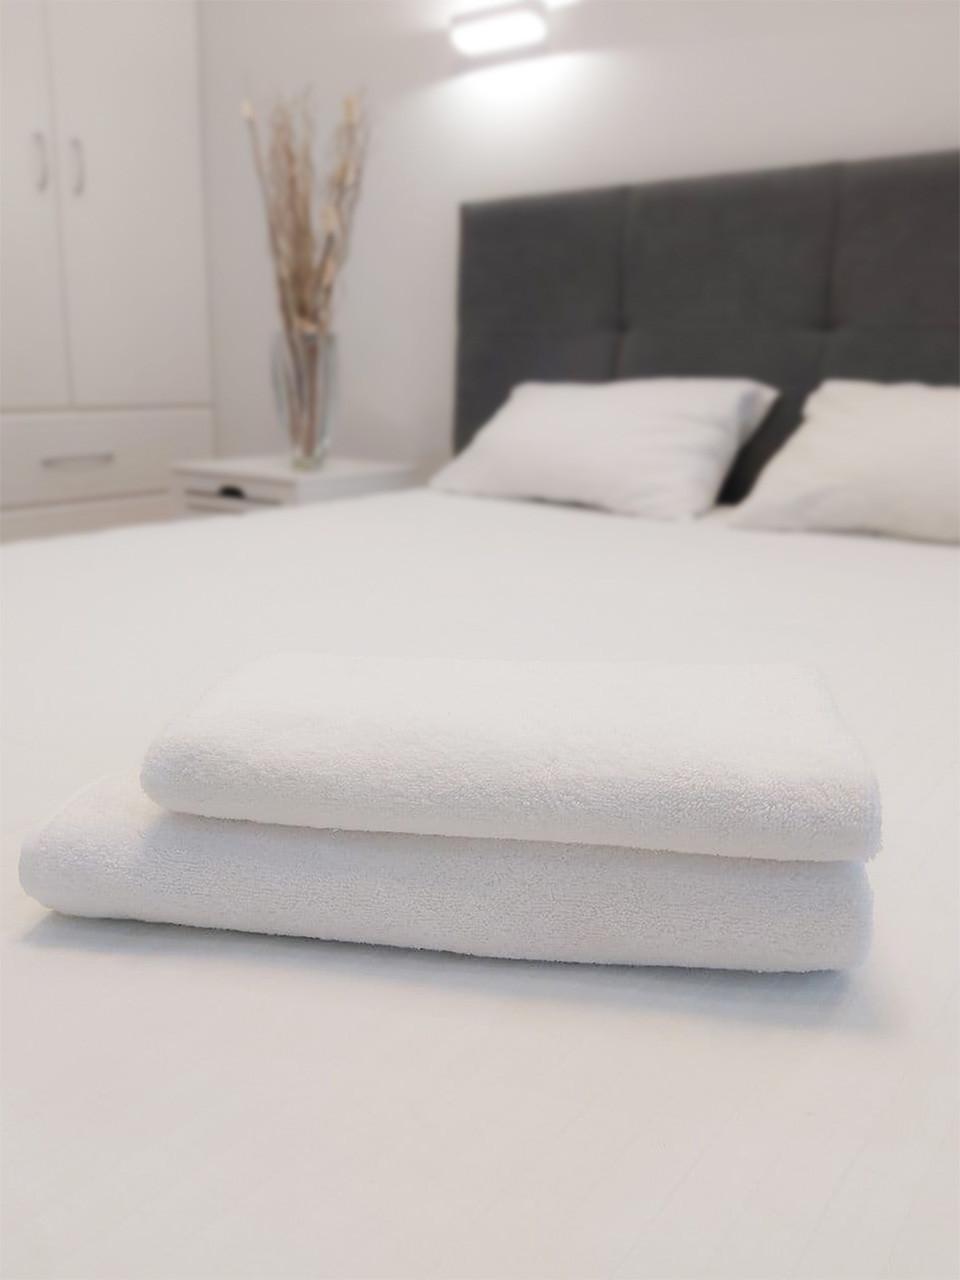 Махровое полотенце для сауны 100х150 см плотность 500 г/м2 100% влаговпитывающее белое